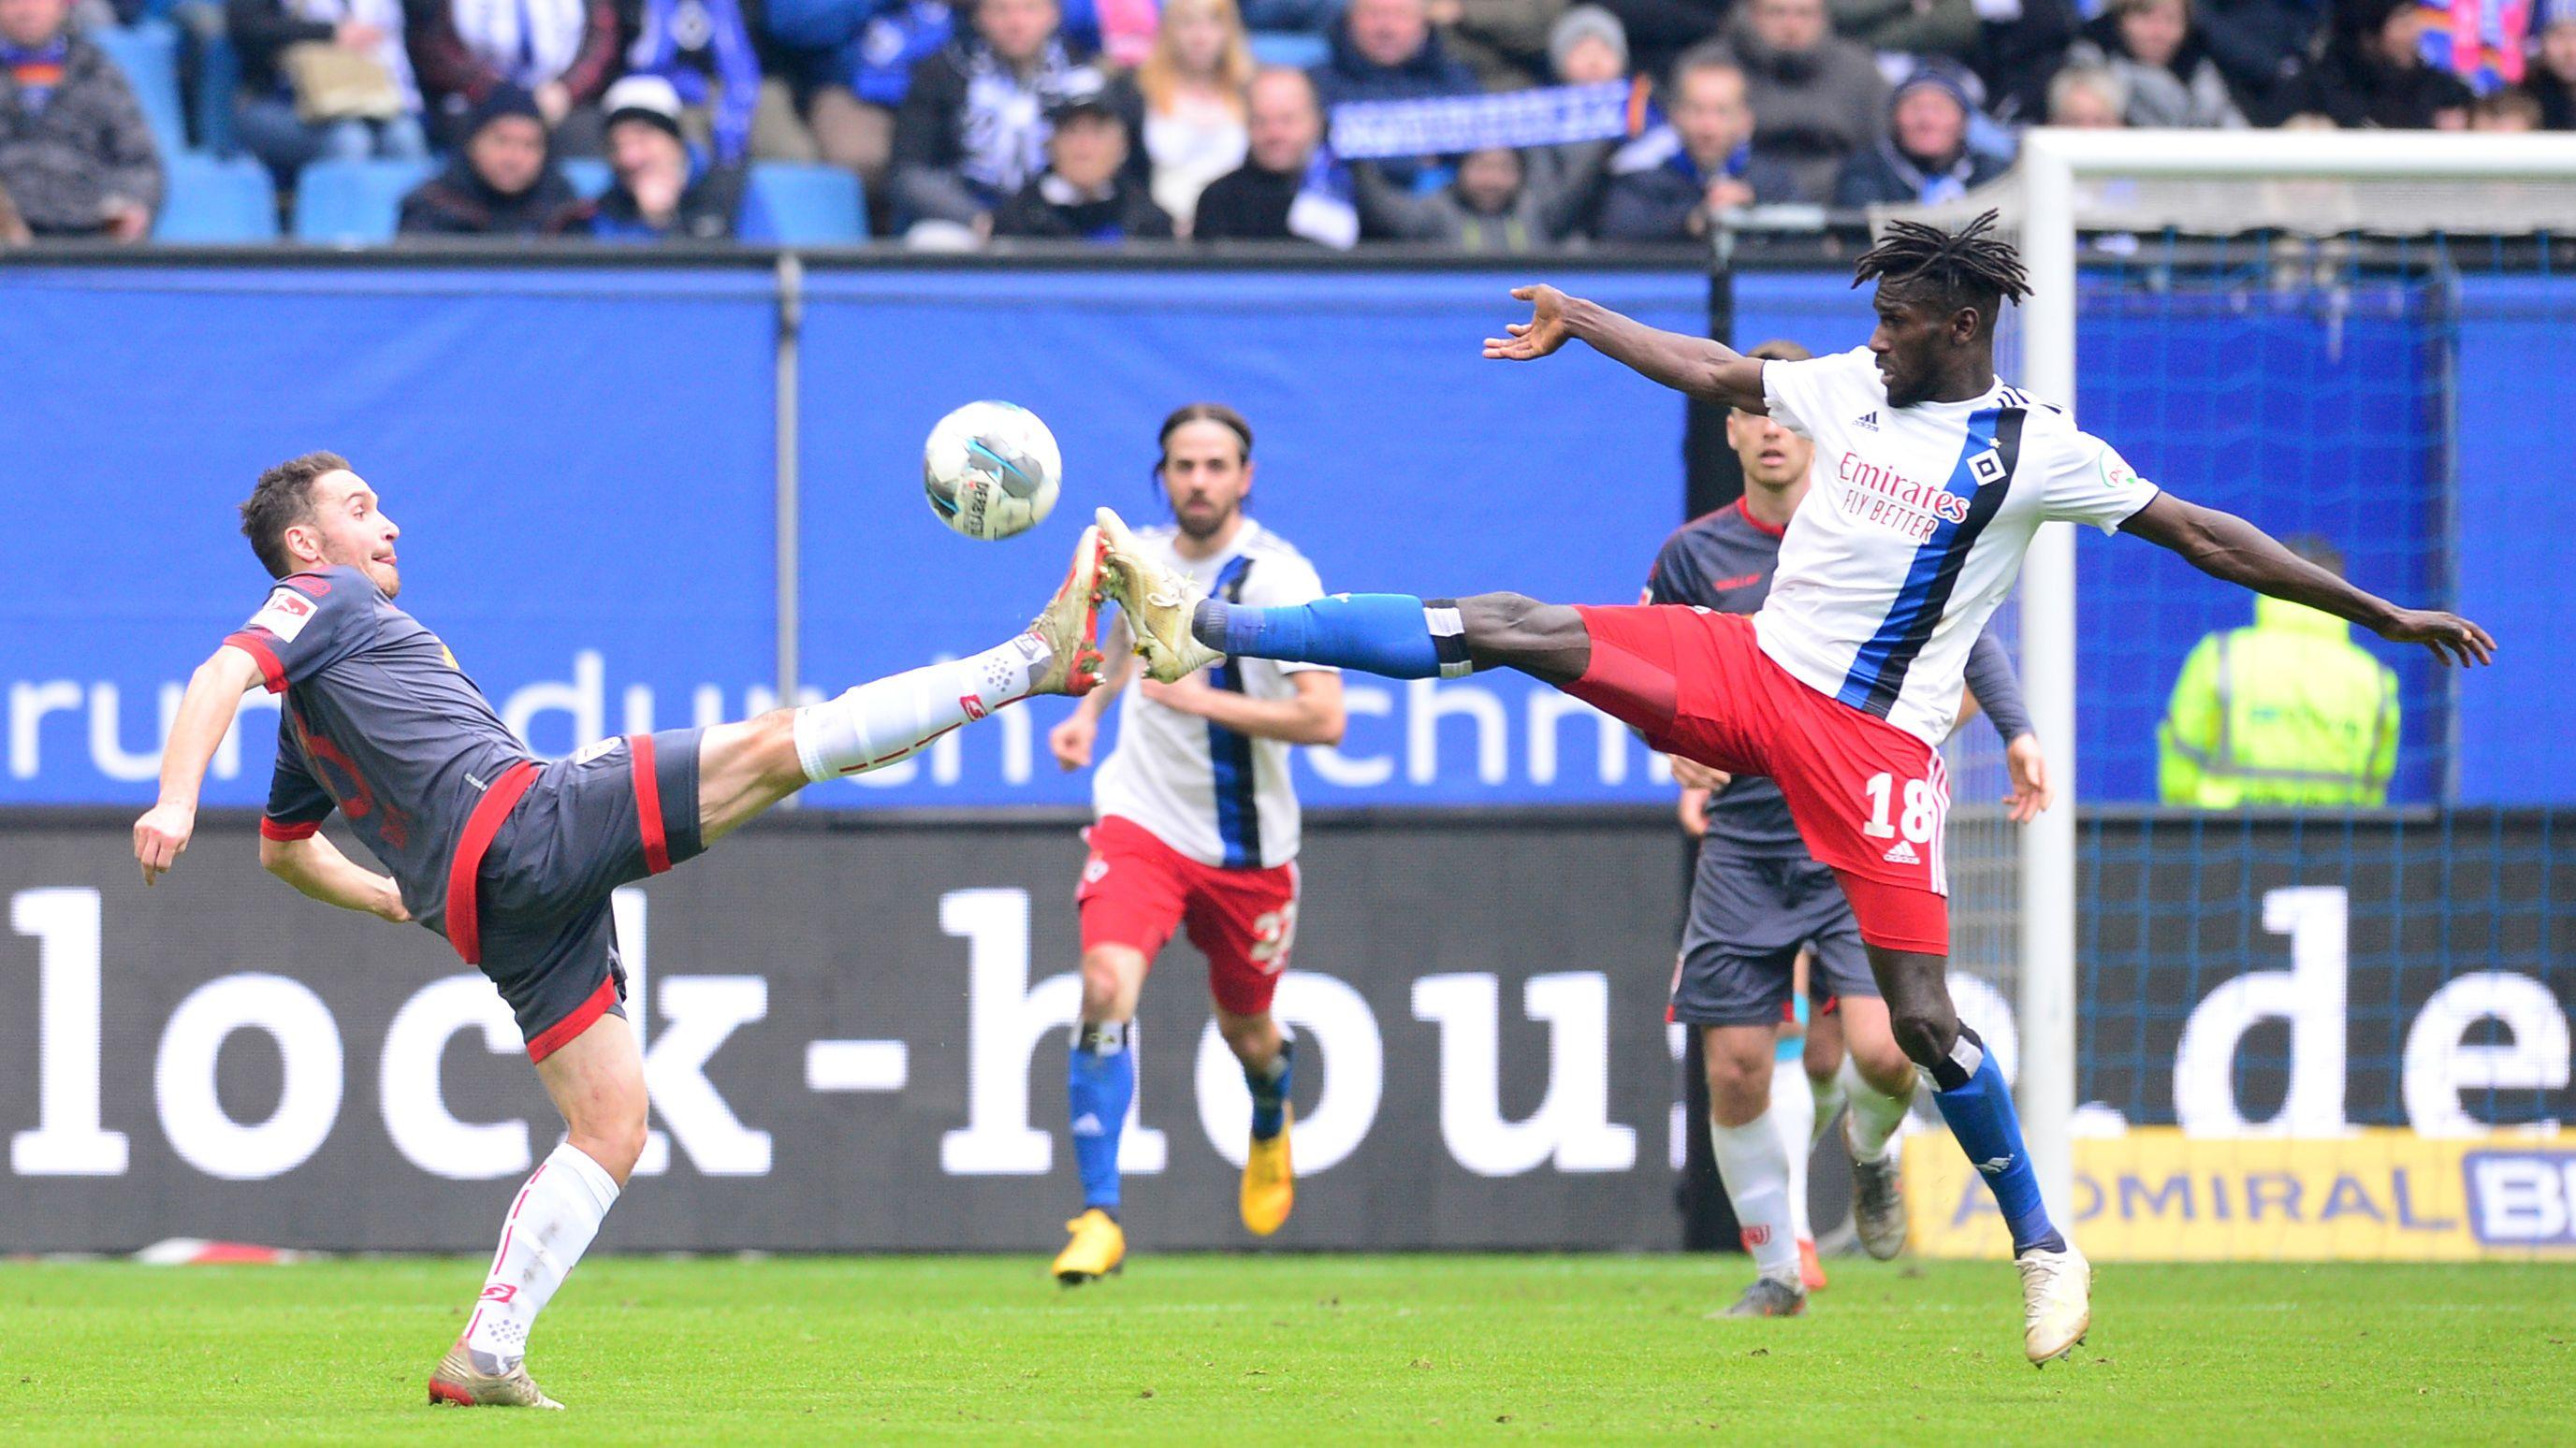 Gestreckt, aber nicht erfolgreich: der Jahn um Andreas Geipl (l.) verliert in Hamburg.